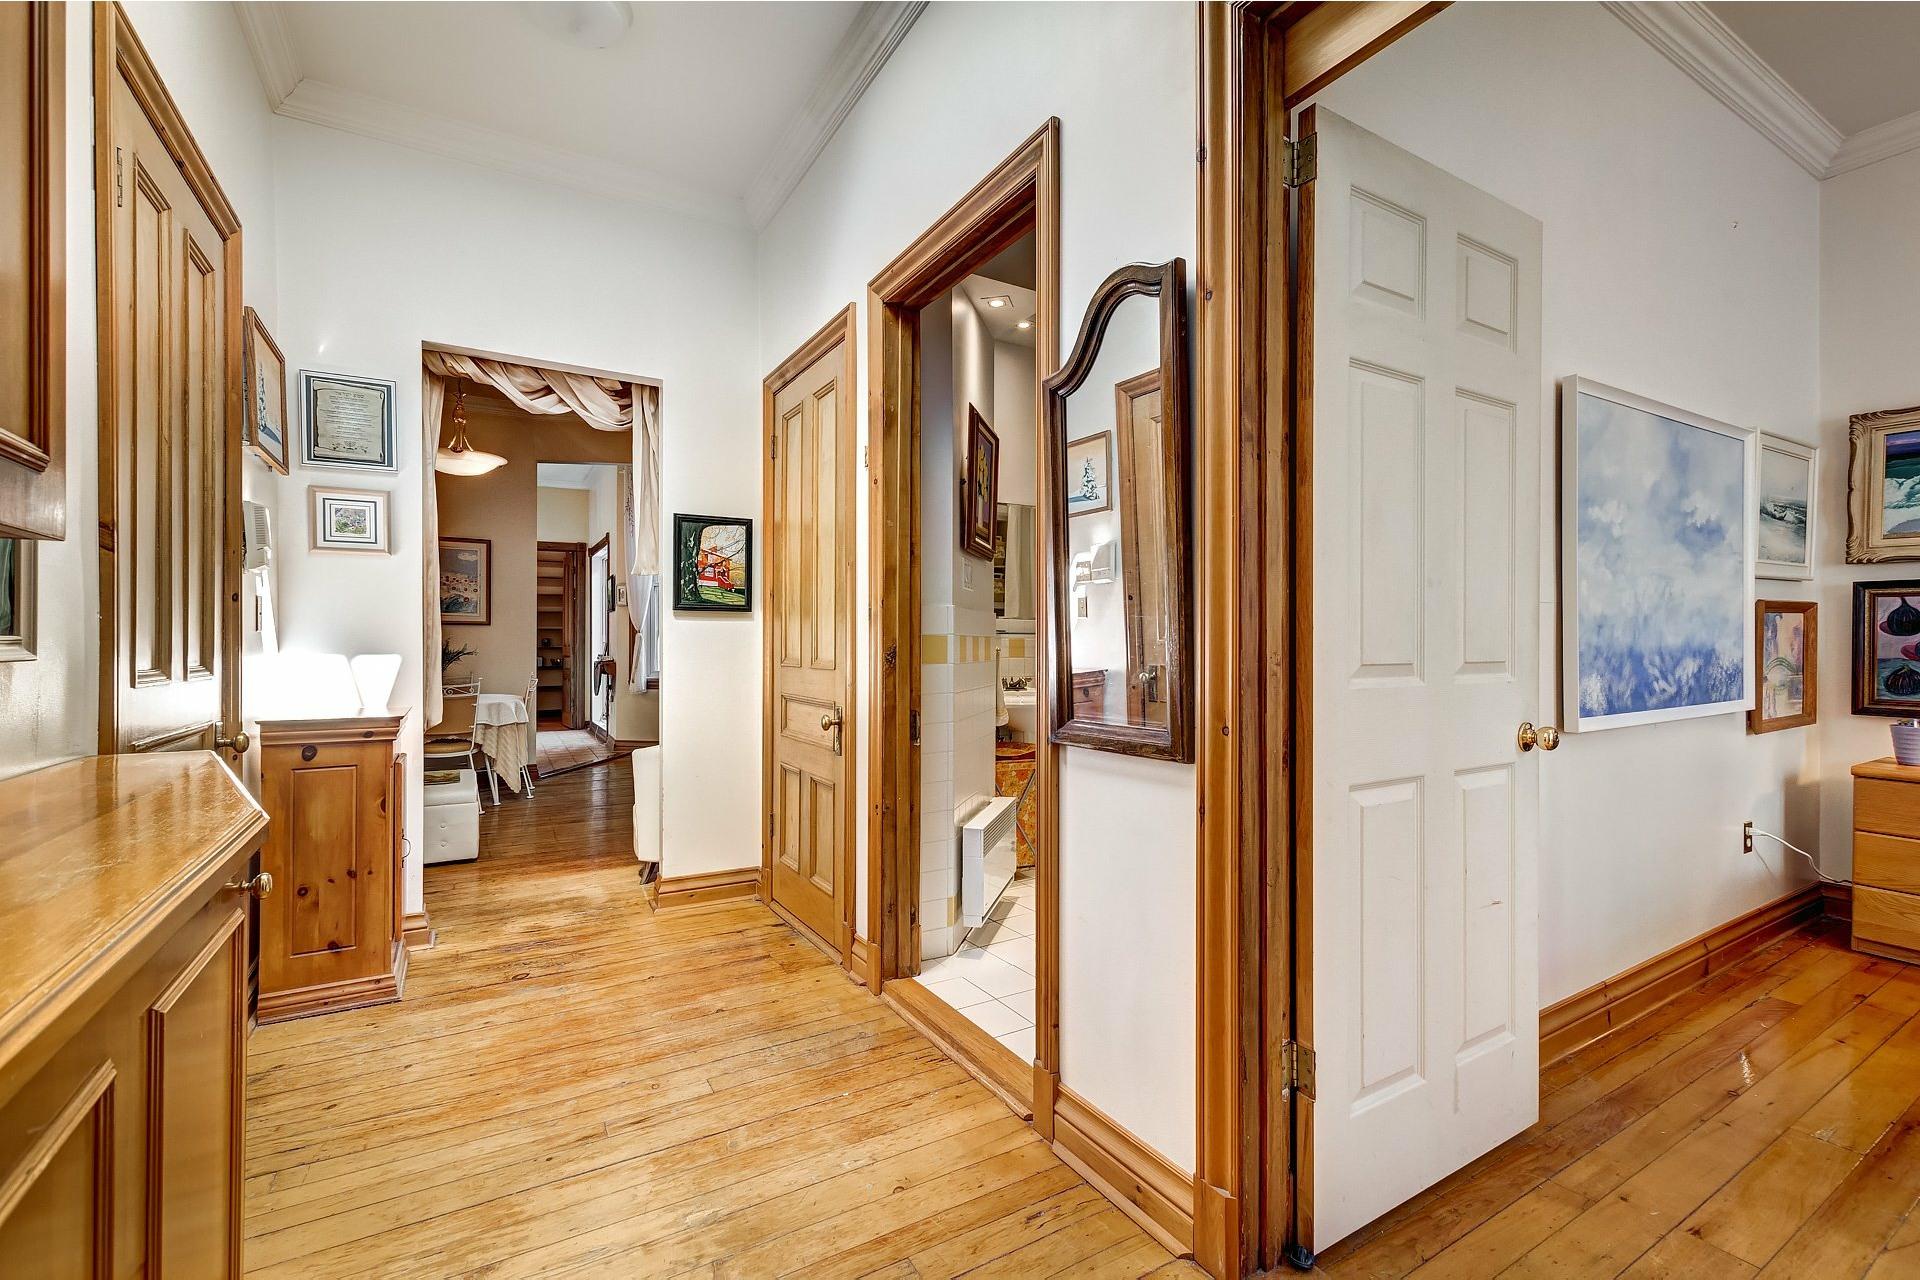 image 4 - Appartement À vendre Le Plateau-Mont-Royal Montréal  - 6 pièces